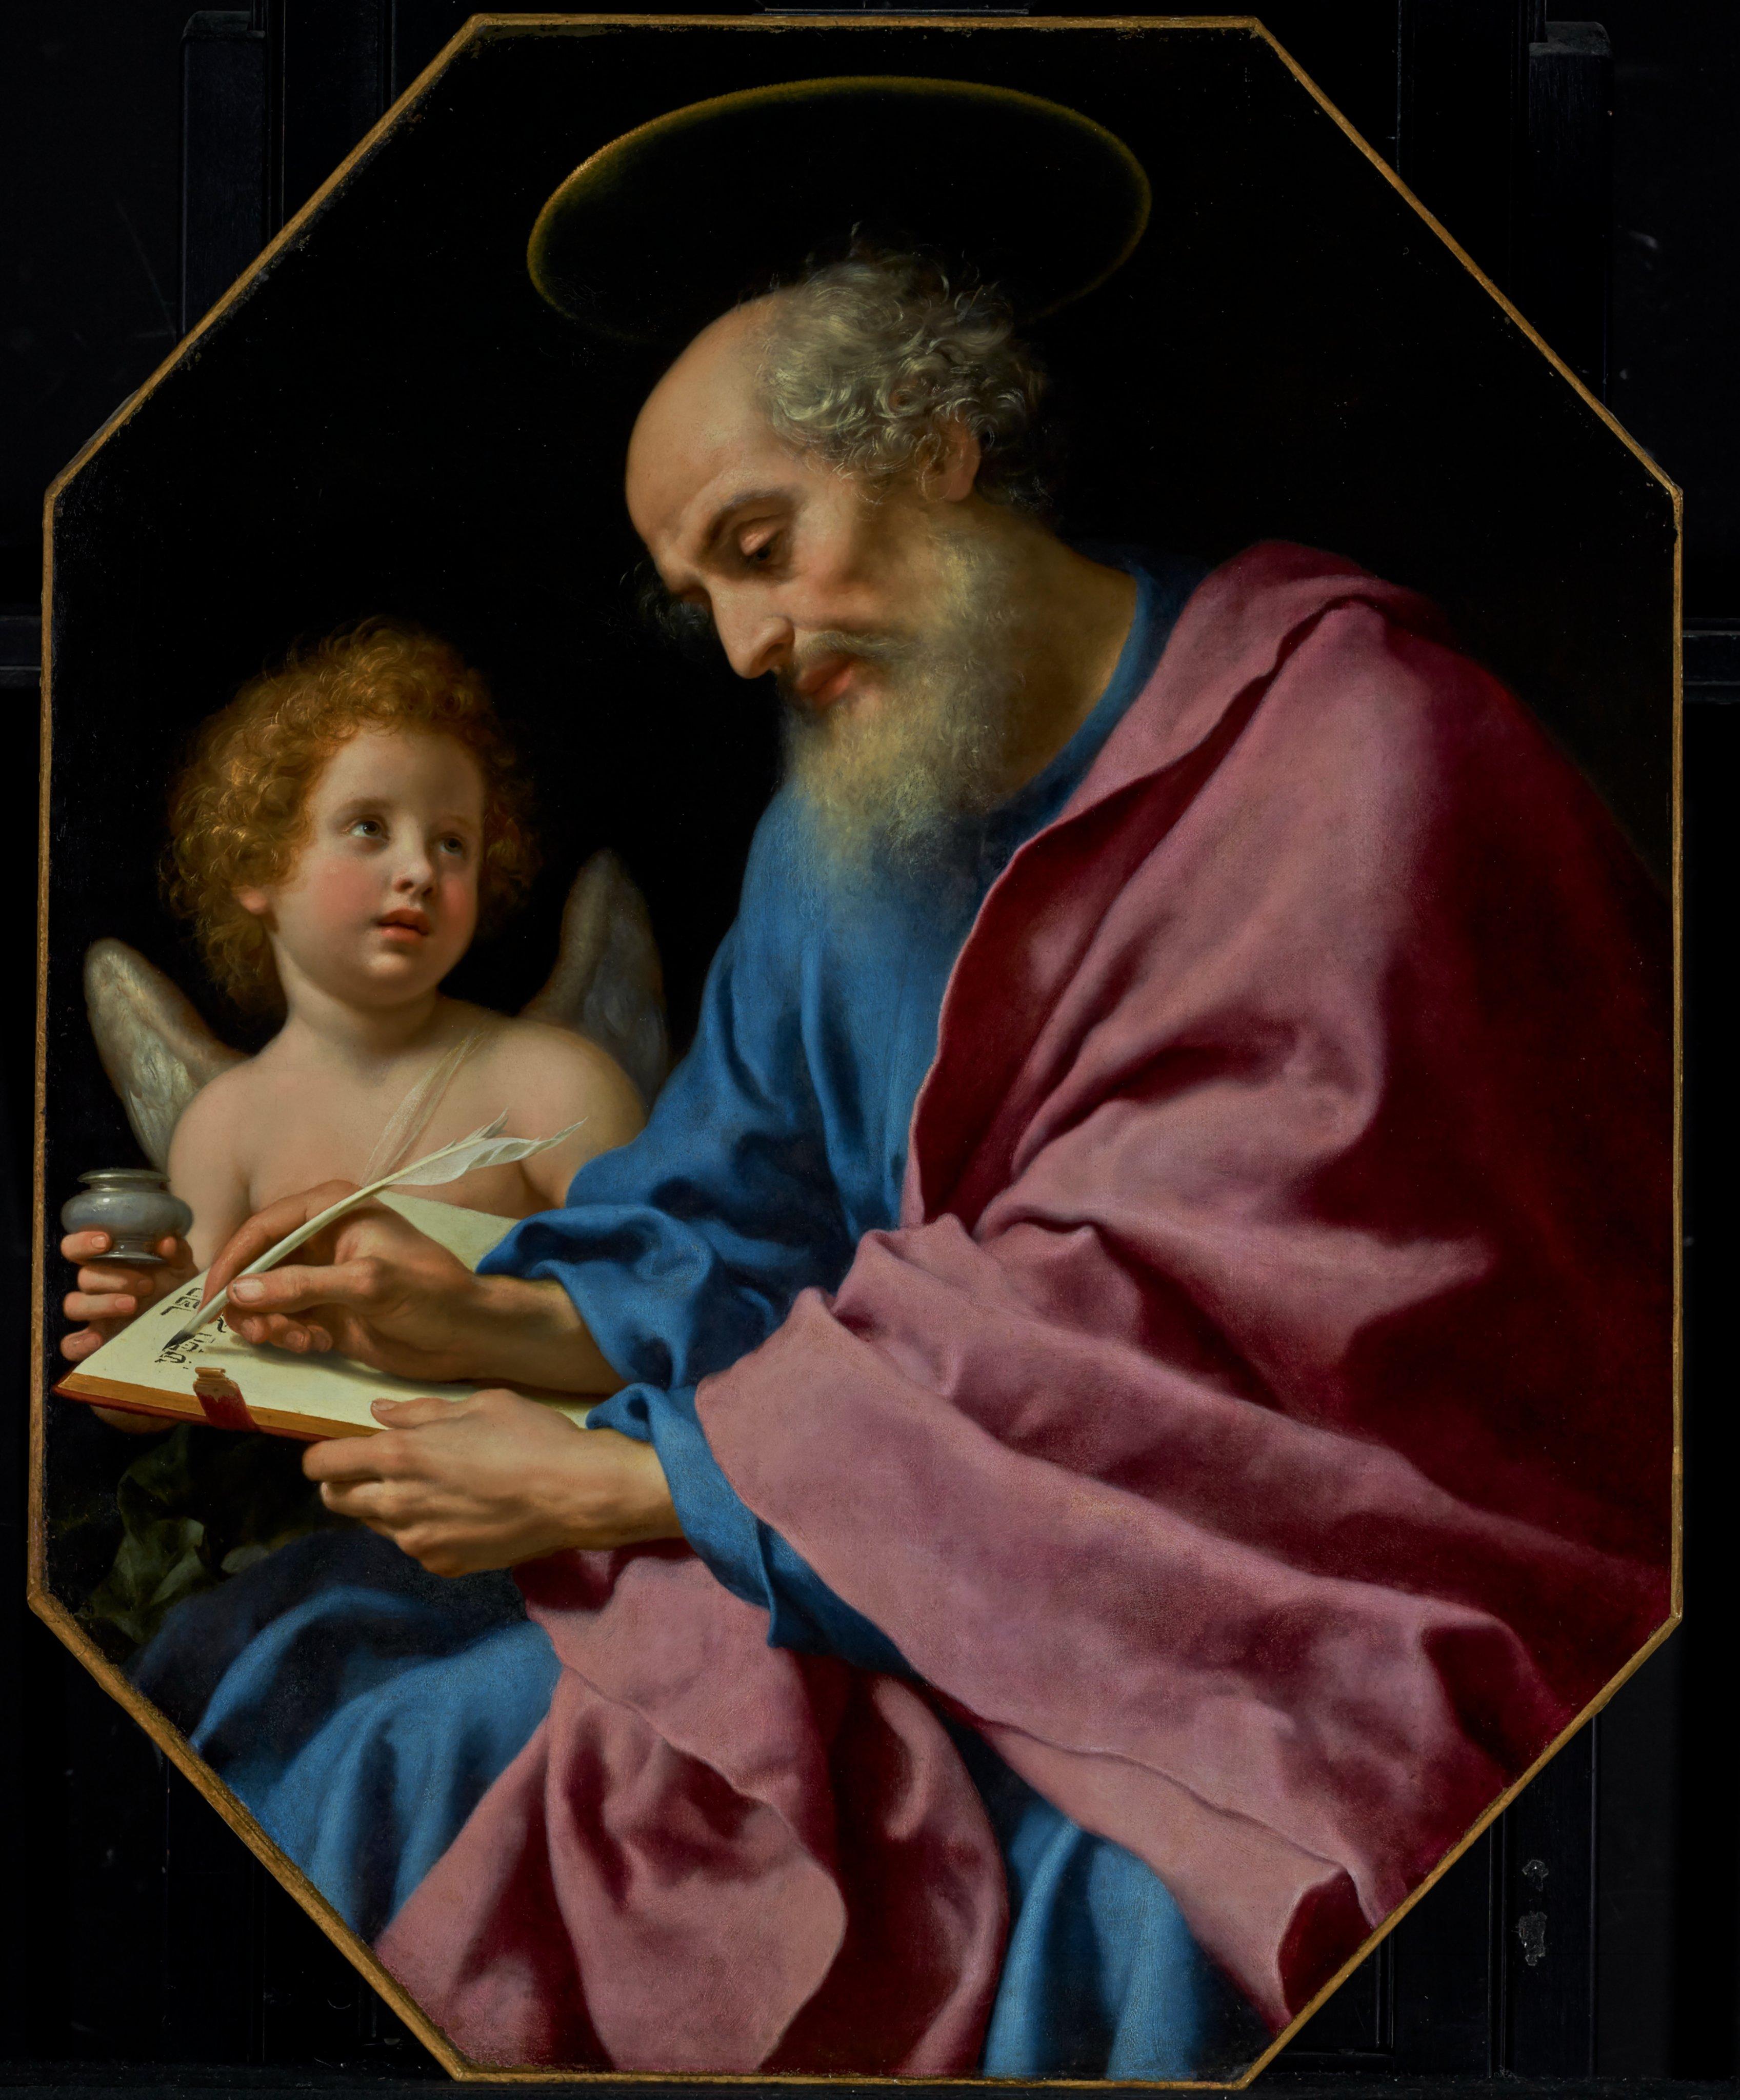 São Mateus escrevendo o evangelho